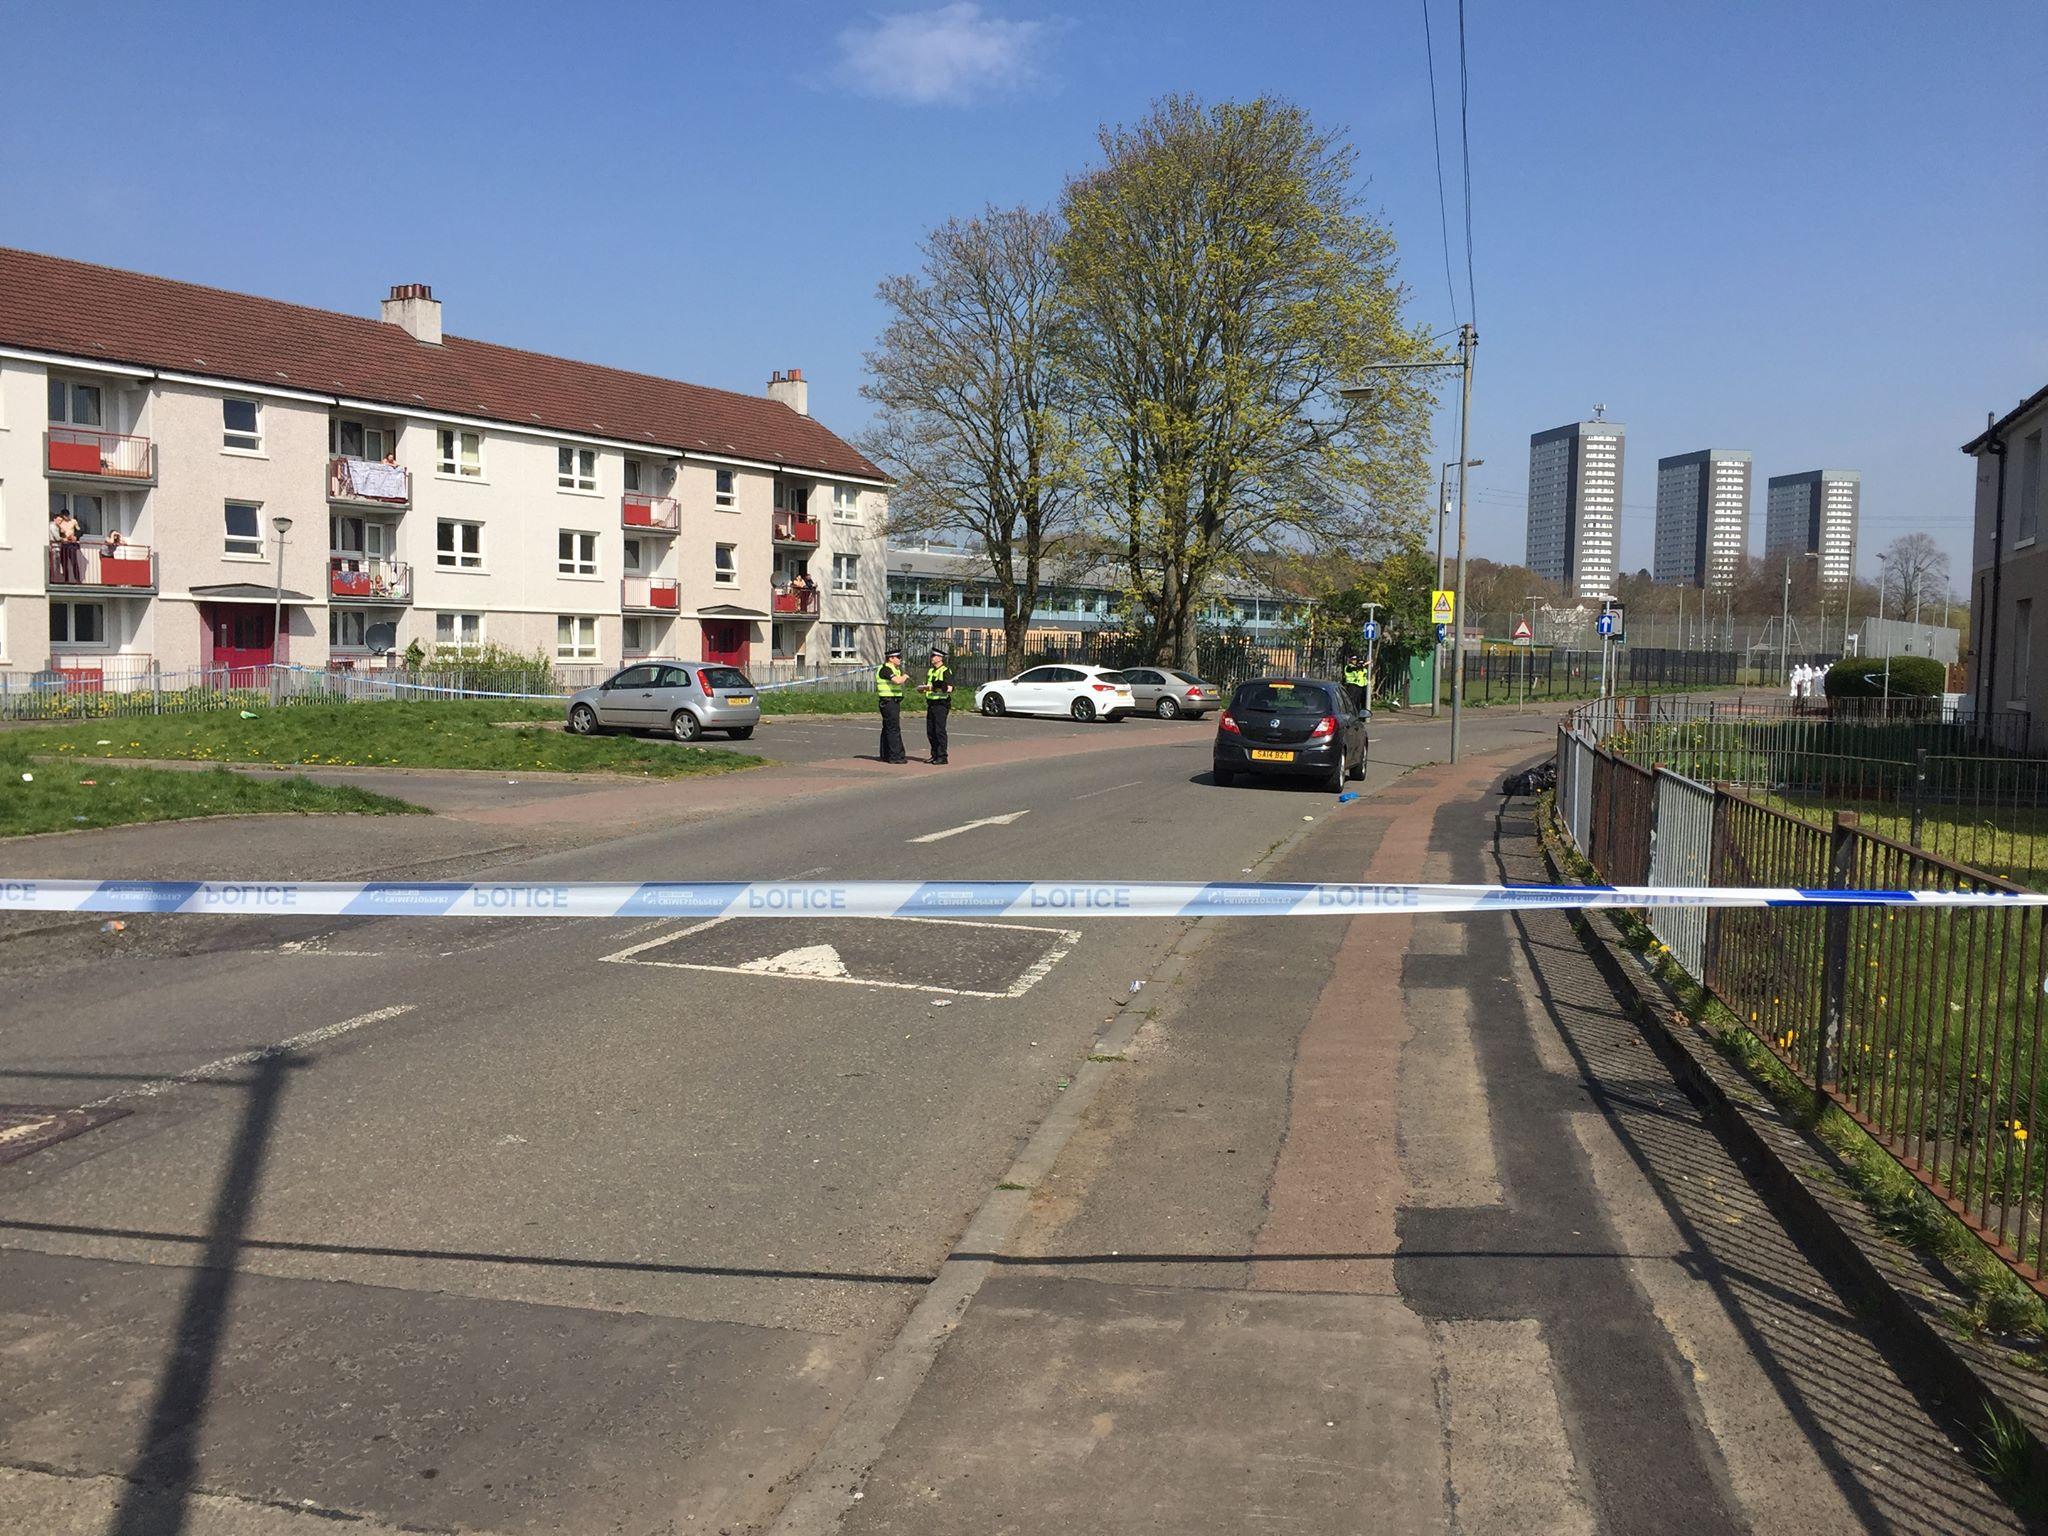 Eyewitnesses tell of shock as man 'stabbed' in Thornliebank